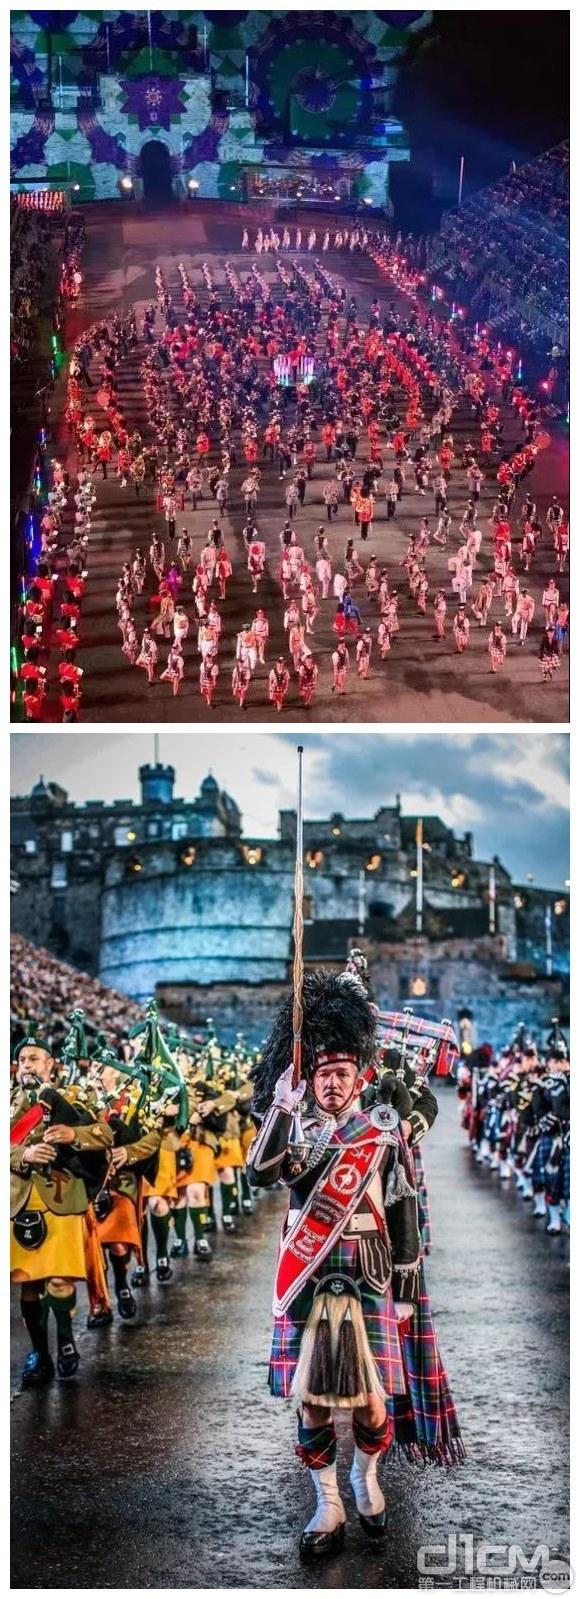 吉尼防墜落組件帶您看世界:感受來自愛丁堡軍樂節的魅力